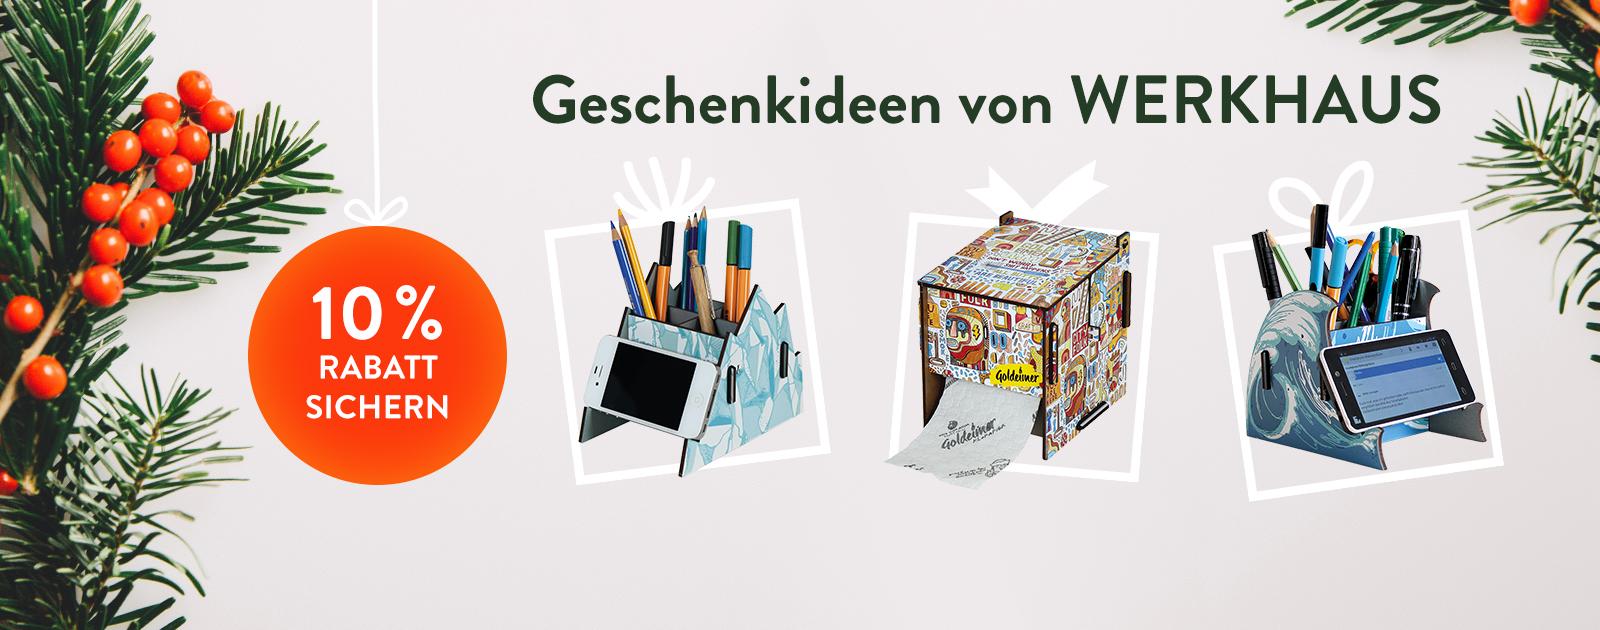 10 % Rabatt auf coole Weihnachtsgeschenke von WERKHAUS sichern!